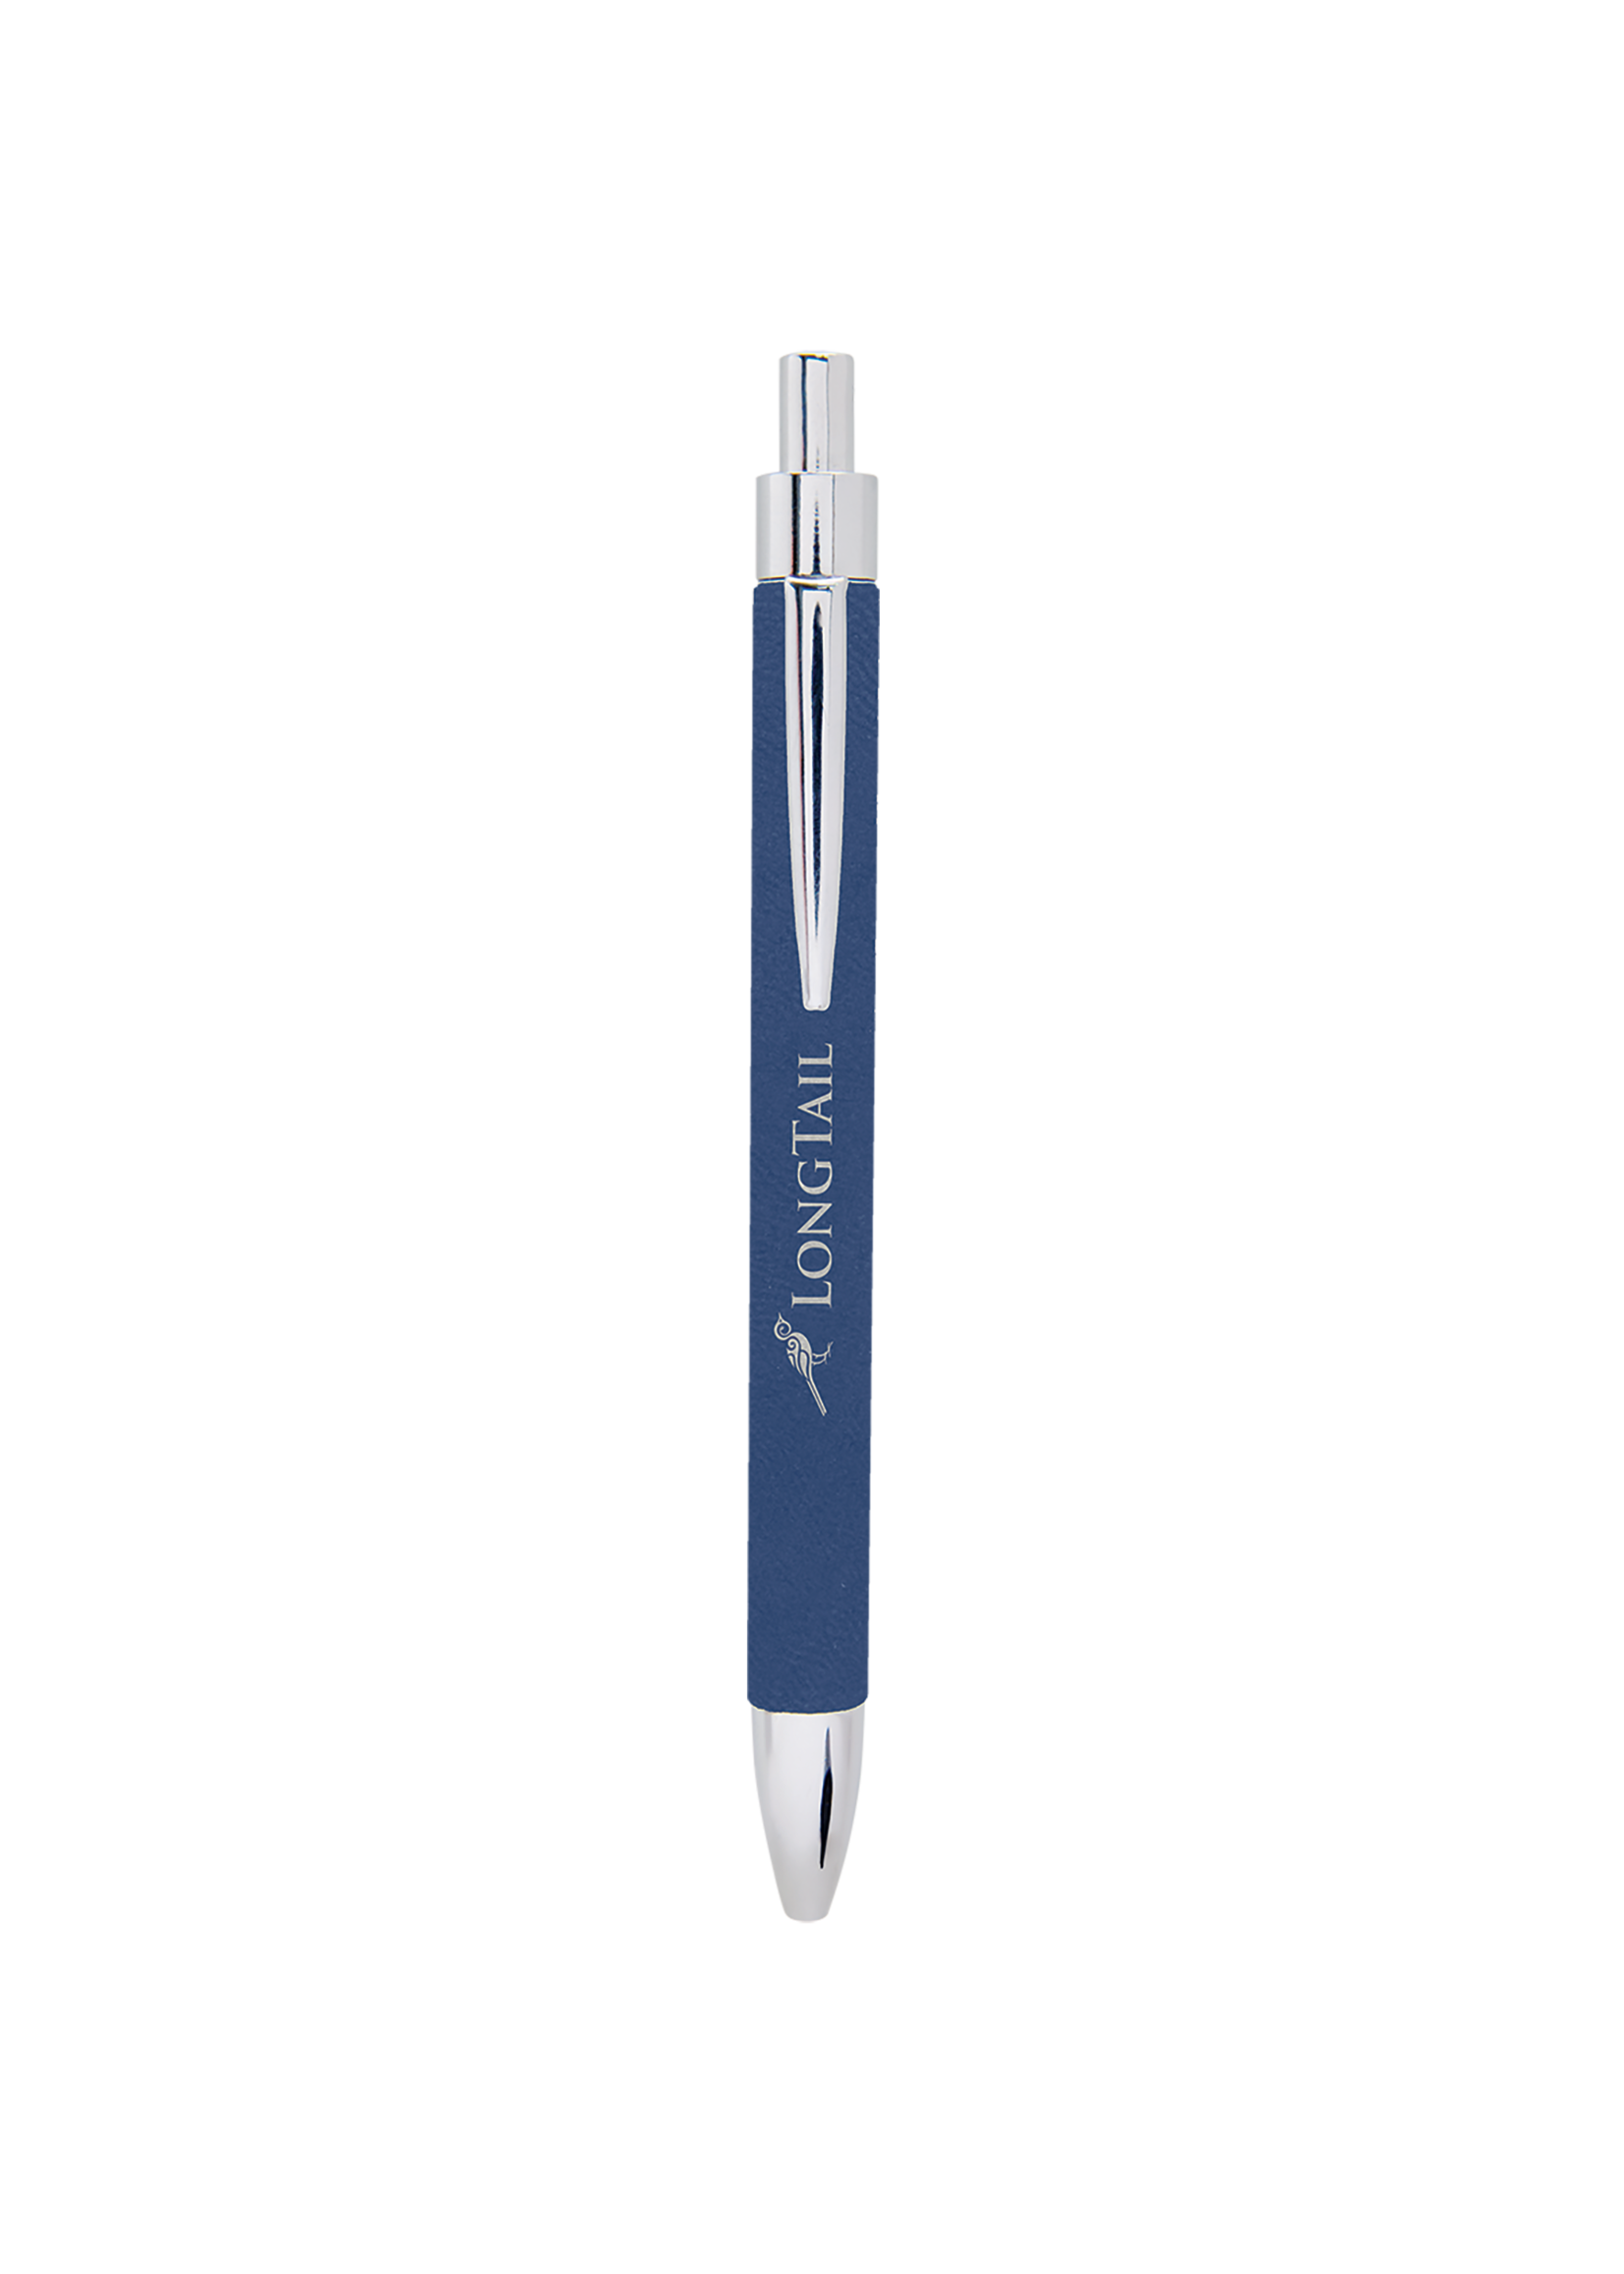 Leatherette Pen